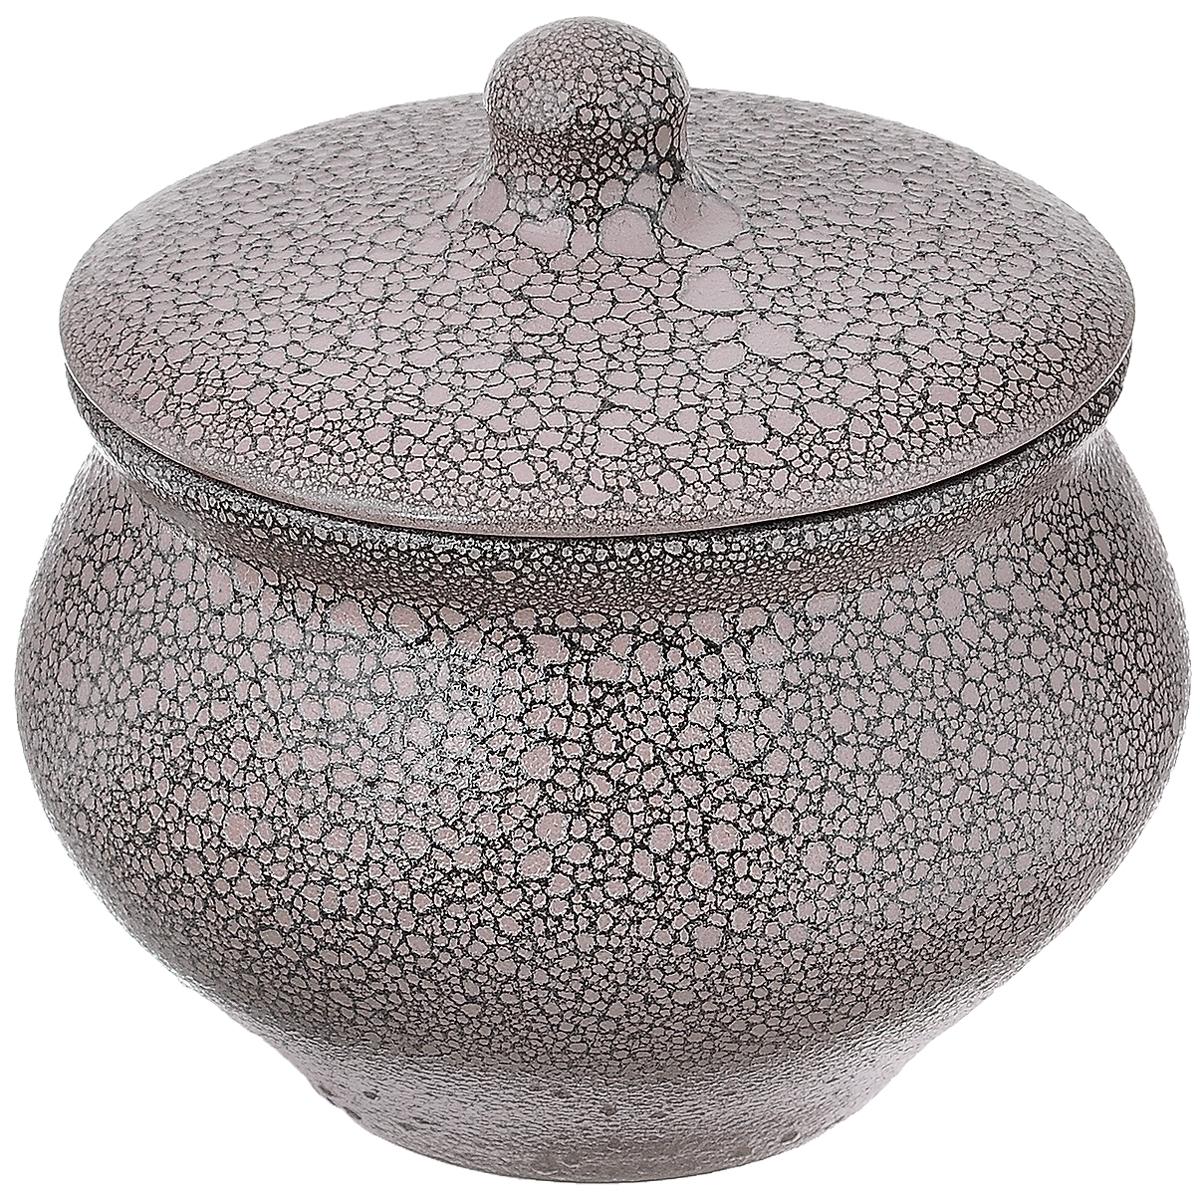 Горшок для жаркого Борисовская керамика Мрамор, 1,3 лМРМ14456861Горшок для жаркого Борисовская керамика Мрамор выполнен из высококачественной керамики. Внутренняя поверхность покрыта глазурью, а внешние стенки имеют шероховатую поверхность под мрамор. Керамика абсолютно безопасна, поэтому изделие придется по вкусу любителям здоровой и полезной пищи. Горшок для запекания с крышкой очень вместителен и имеет удобную форму. Идеально подходит для приготовления 2-3 порций. Уникальные свойства красной глины и толстые стенки изделия обеспечивают эффект русской печи при приготовлении блюд. Это значит, что еда будет очень вкусной, сочной и здоровой. Посуда жаропрочная. Можно использовать в духовке и микроволновой печи. Диаметр горшочка (по верхнему краю): 15 см. Высота (без учета крышки): 12 см.